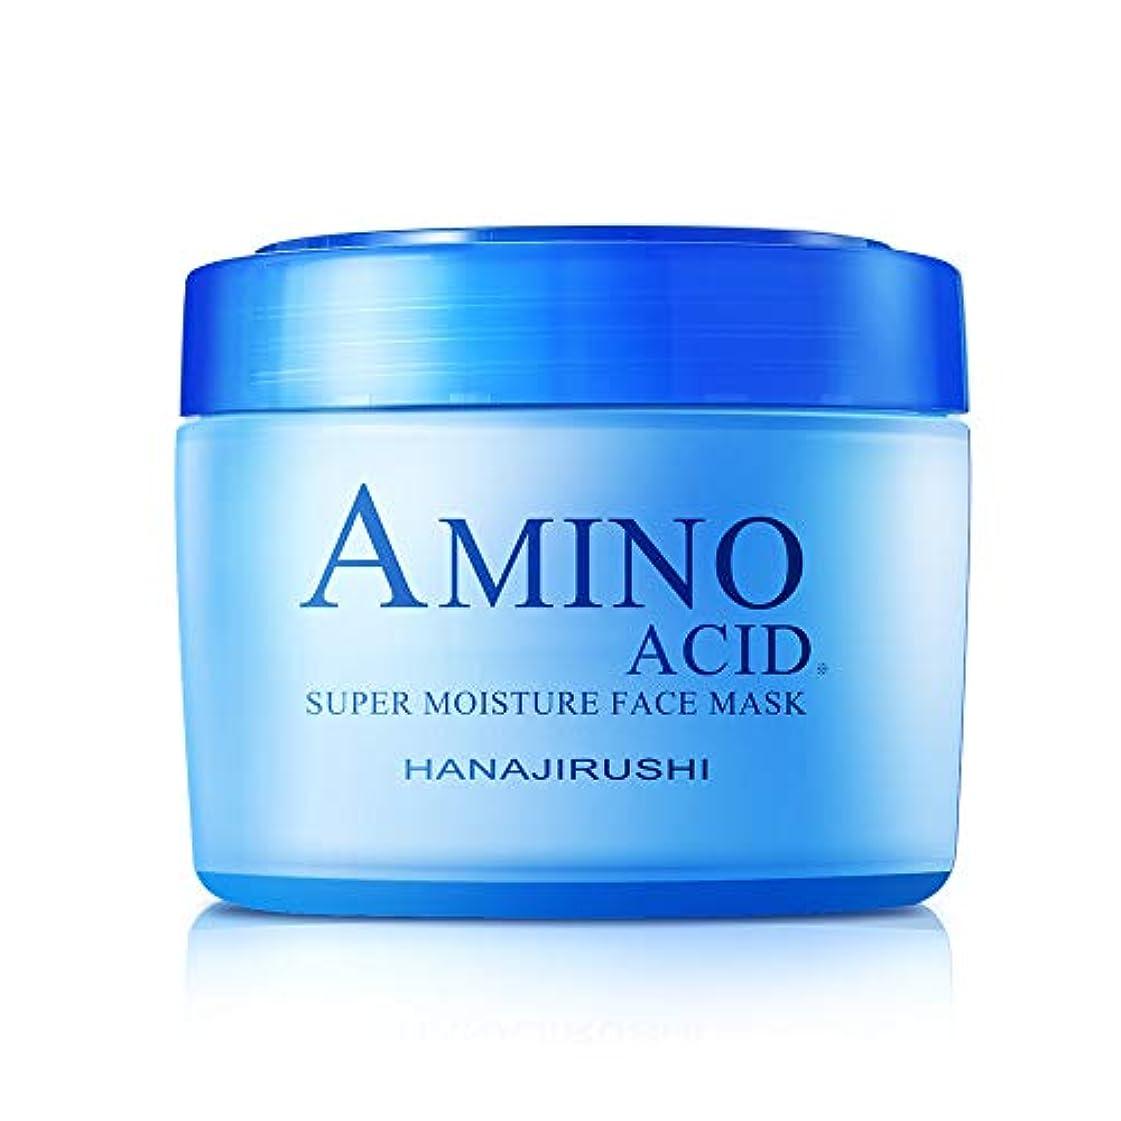 周囲スペード通常花印 超濃厚徹底保湿フェイスパック220g セラミド&アミノ酸配合 ぷるるん肌